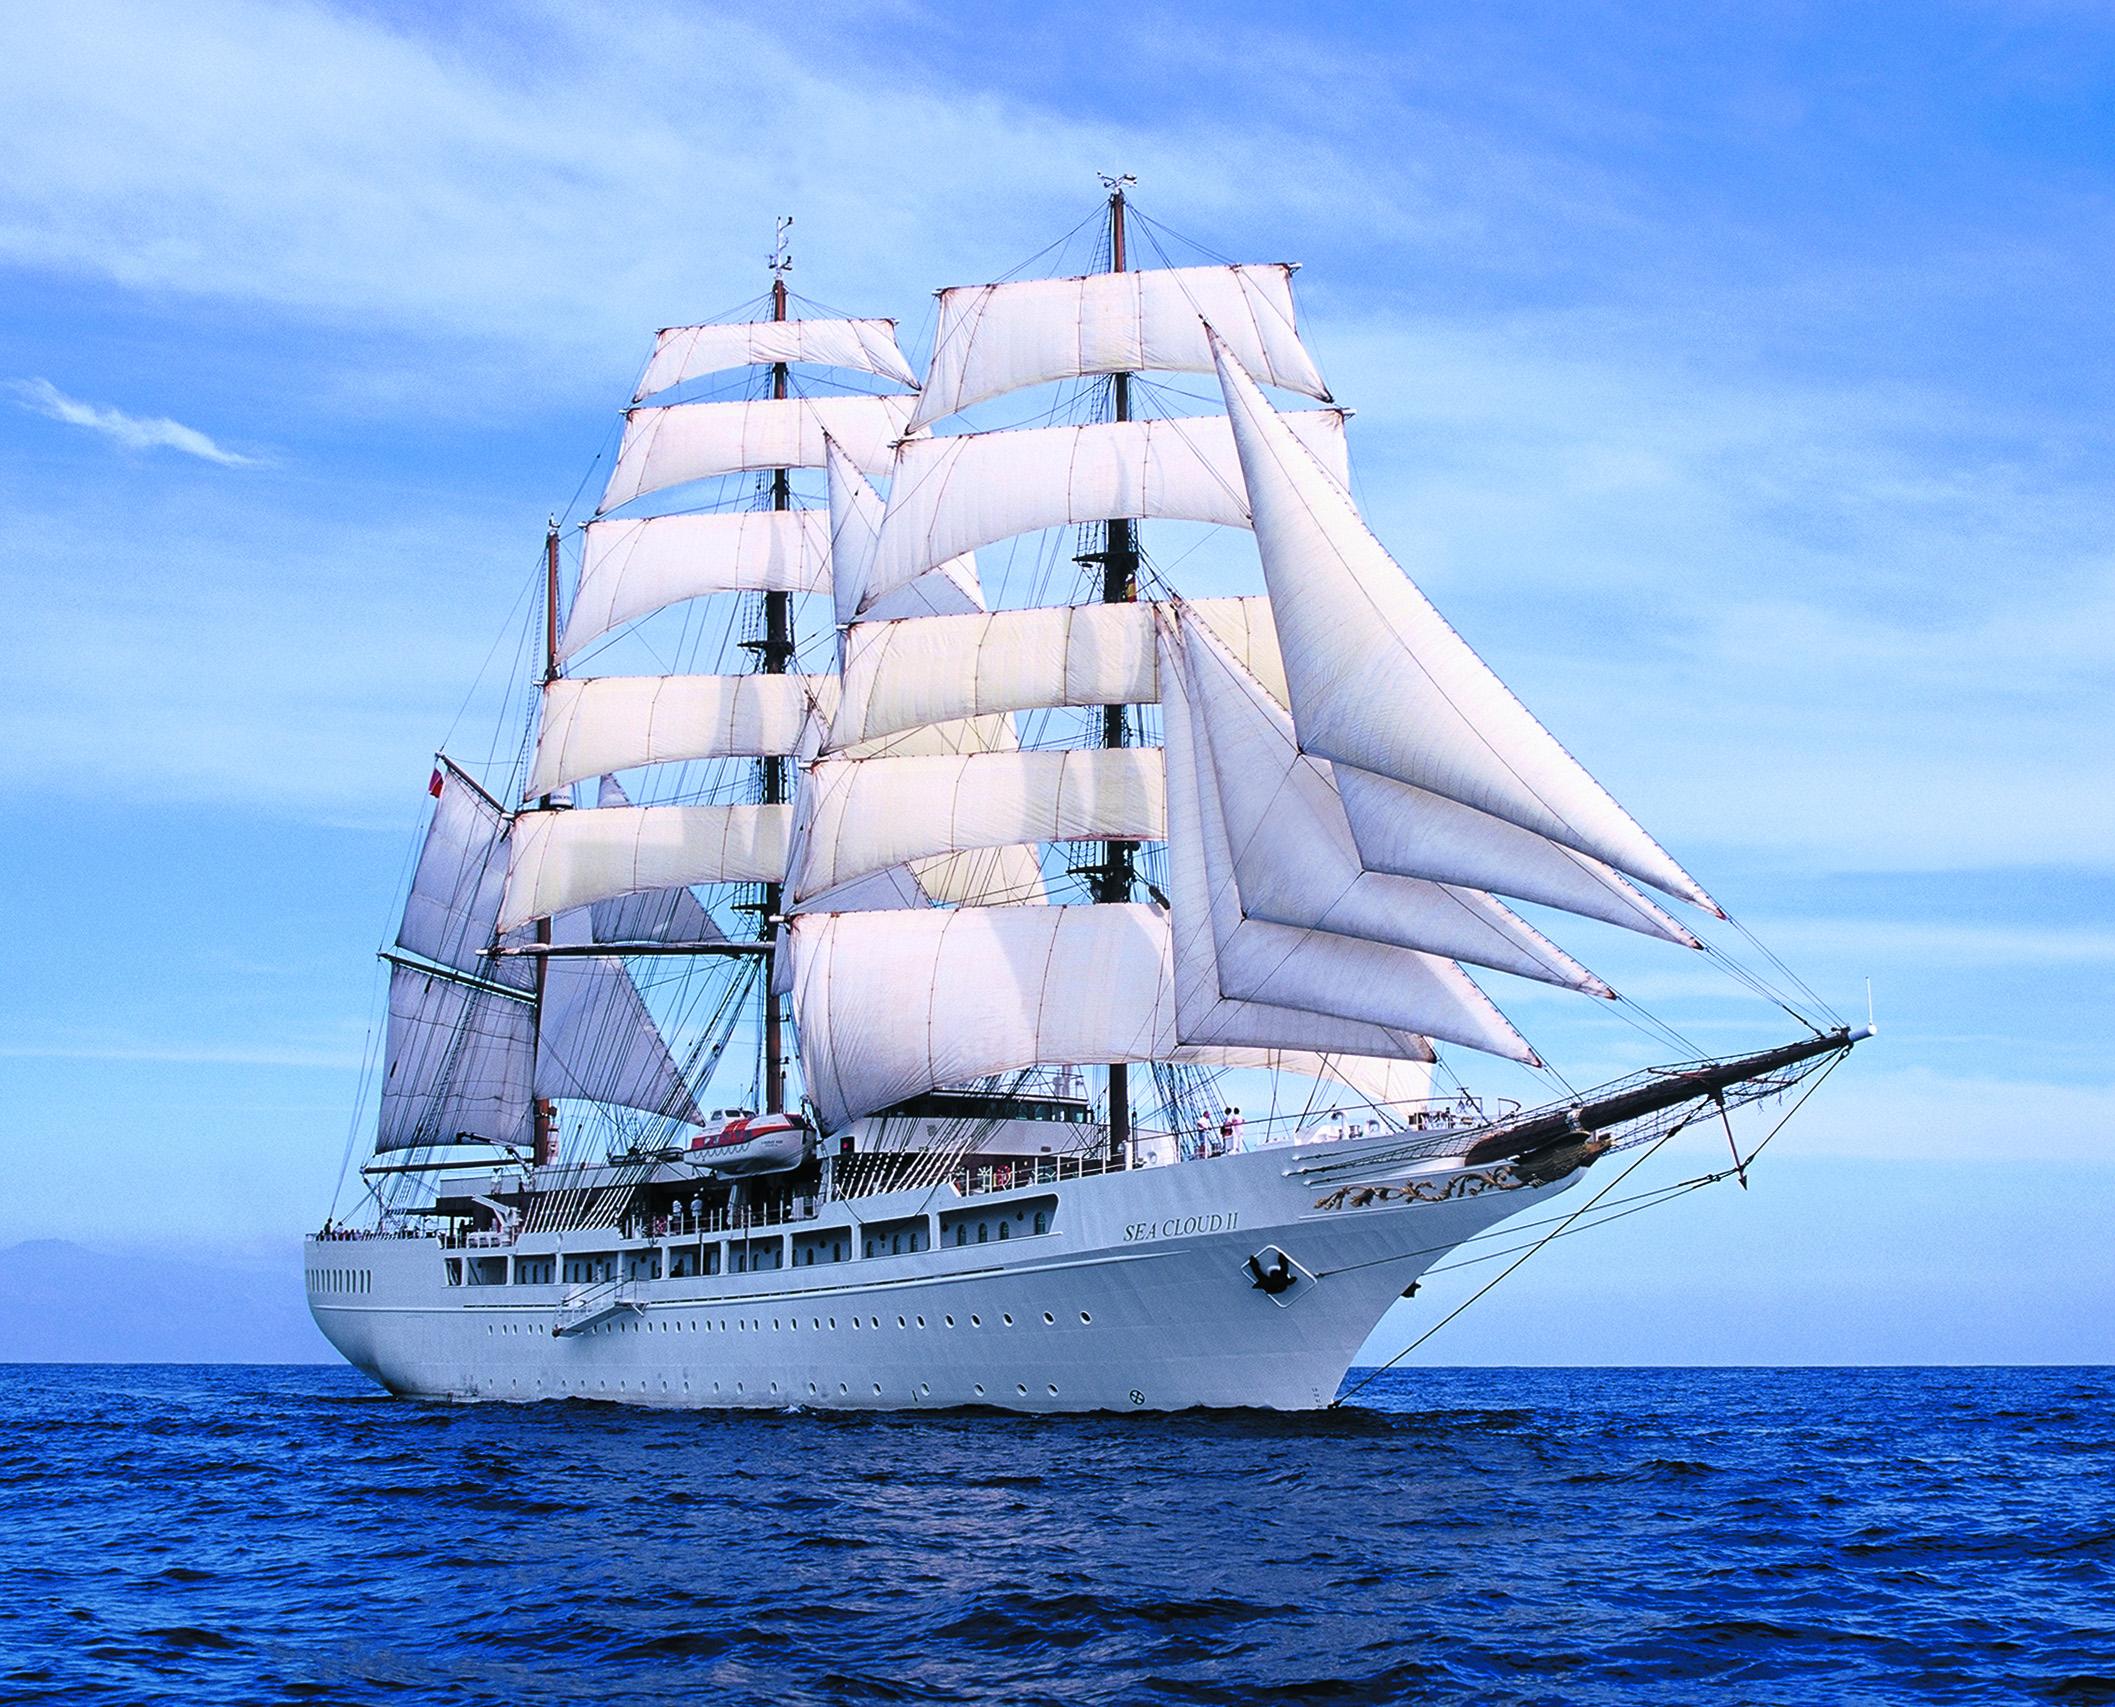 Hochzeit unter Segeln. Verliebt, verlobt, verheiratet. kreuzfahrt honeymoon 2 europa  SeaCloud II Ship 02